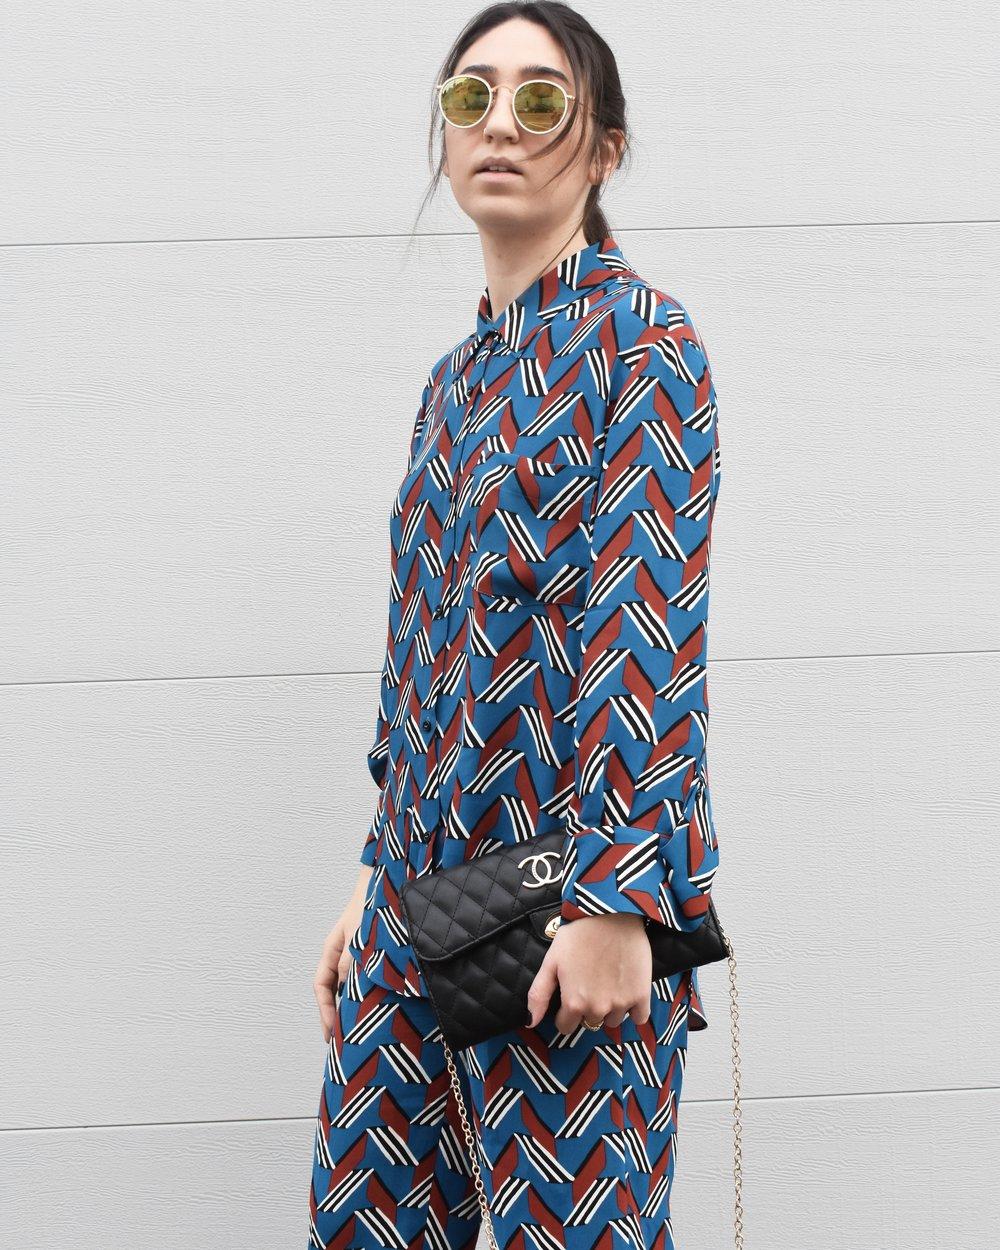 עדן אמנו בלוק המתוחכם  חליפהגיאומטרית ZARA, תיק Chanel, משקפים RAY BAN   עדן באינסטגרם:   edenamano